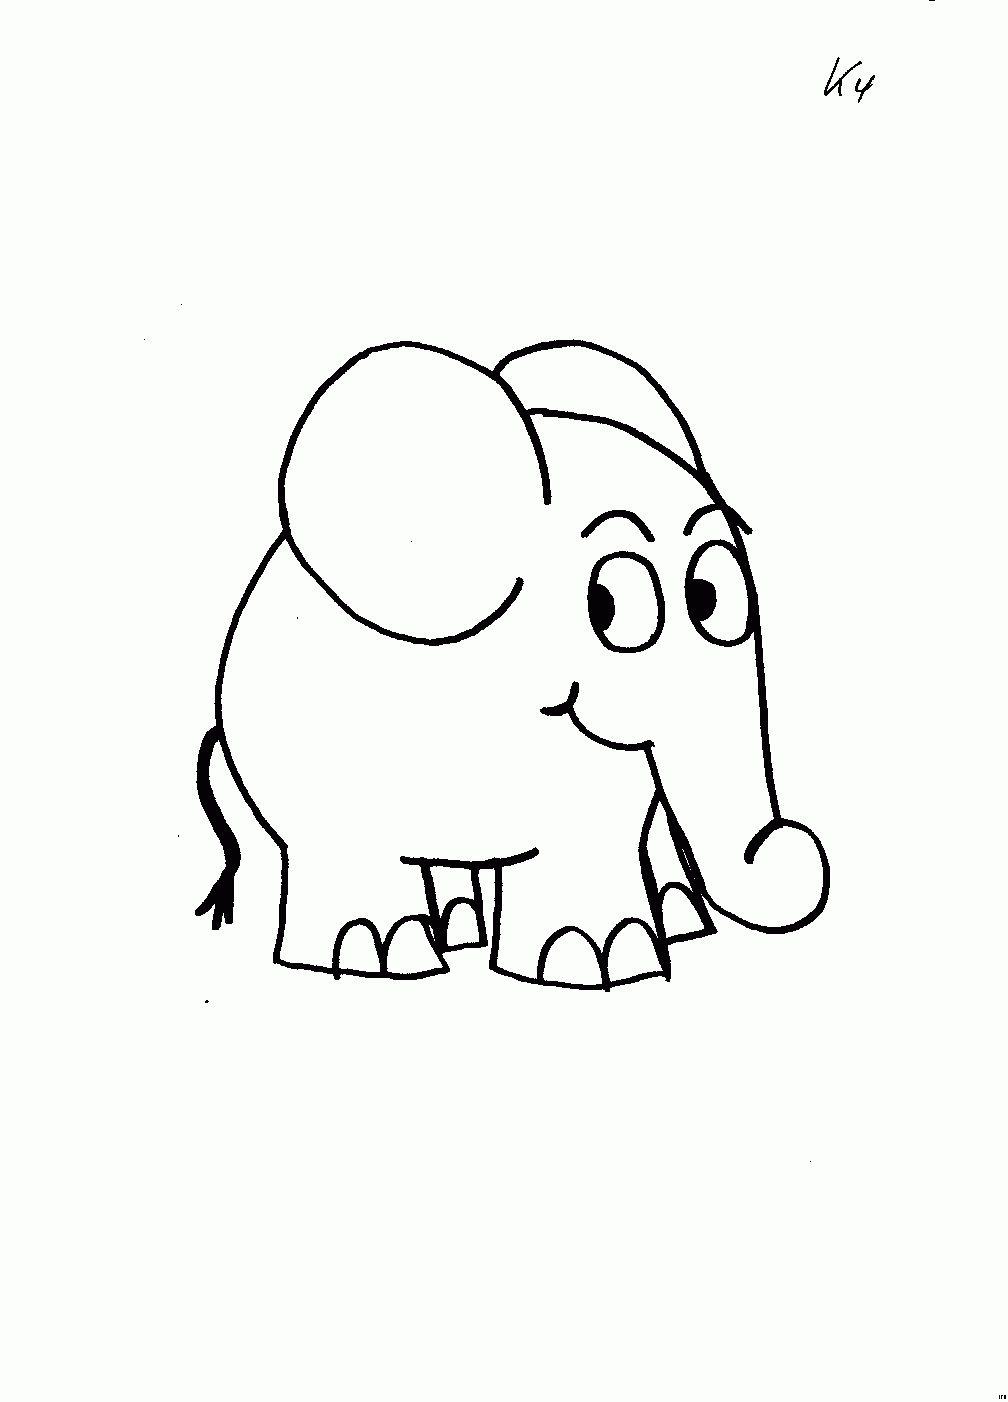 Sendung Mit Der Maus Malvorlage Druckbar  Ausmalbilder, Elefant